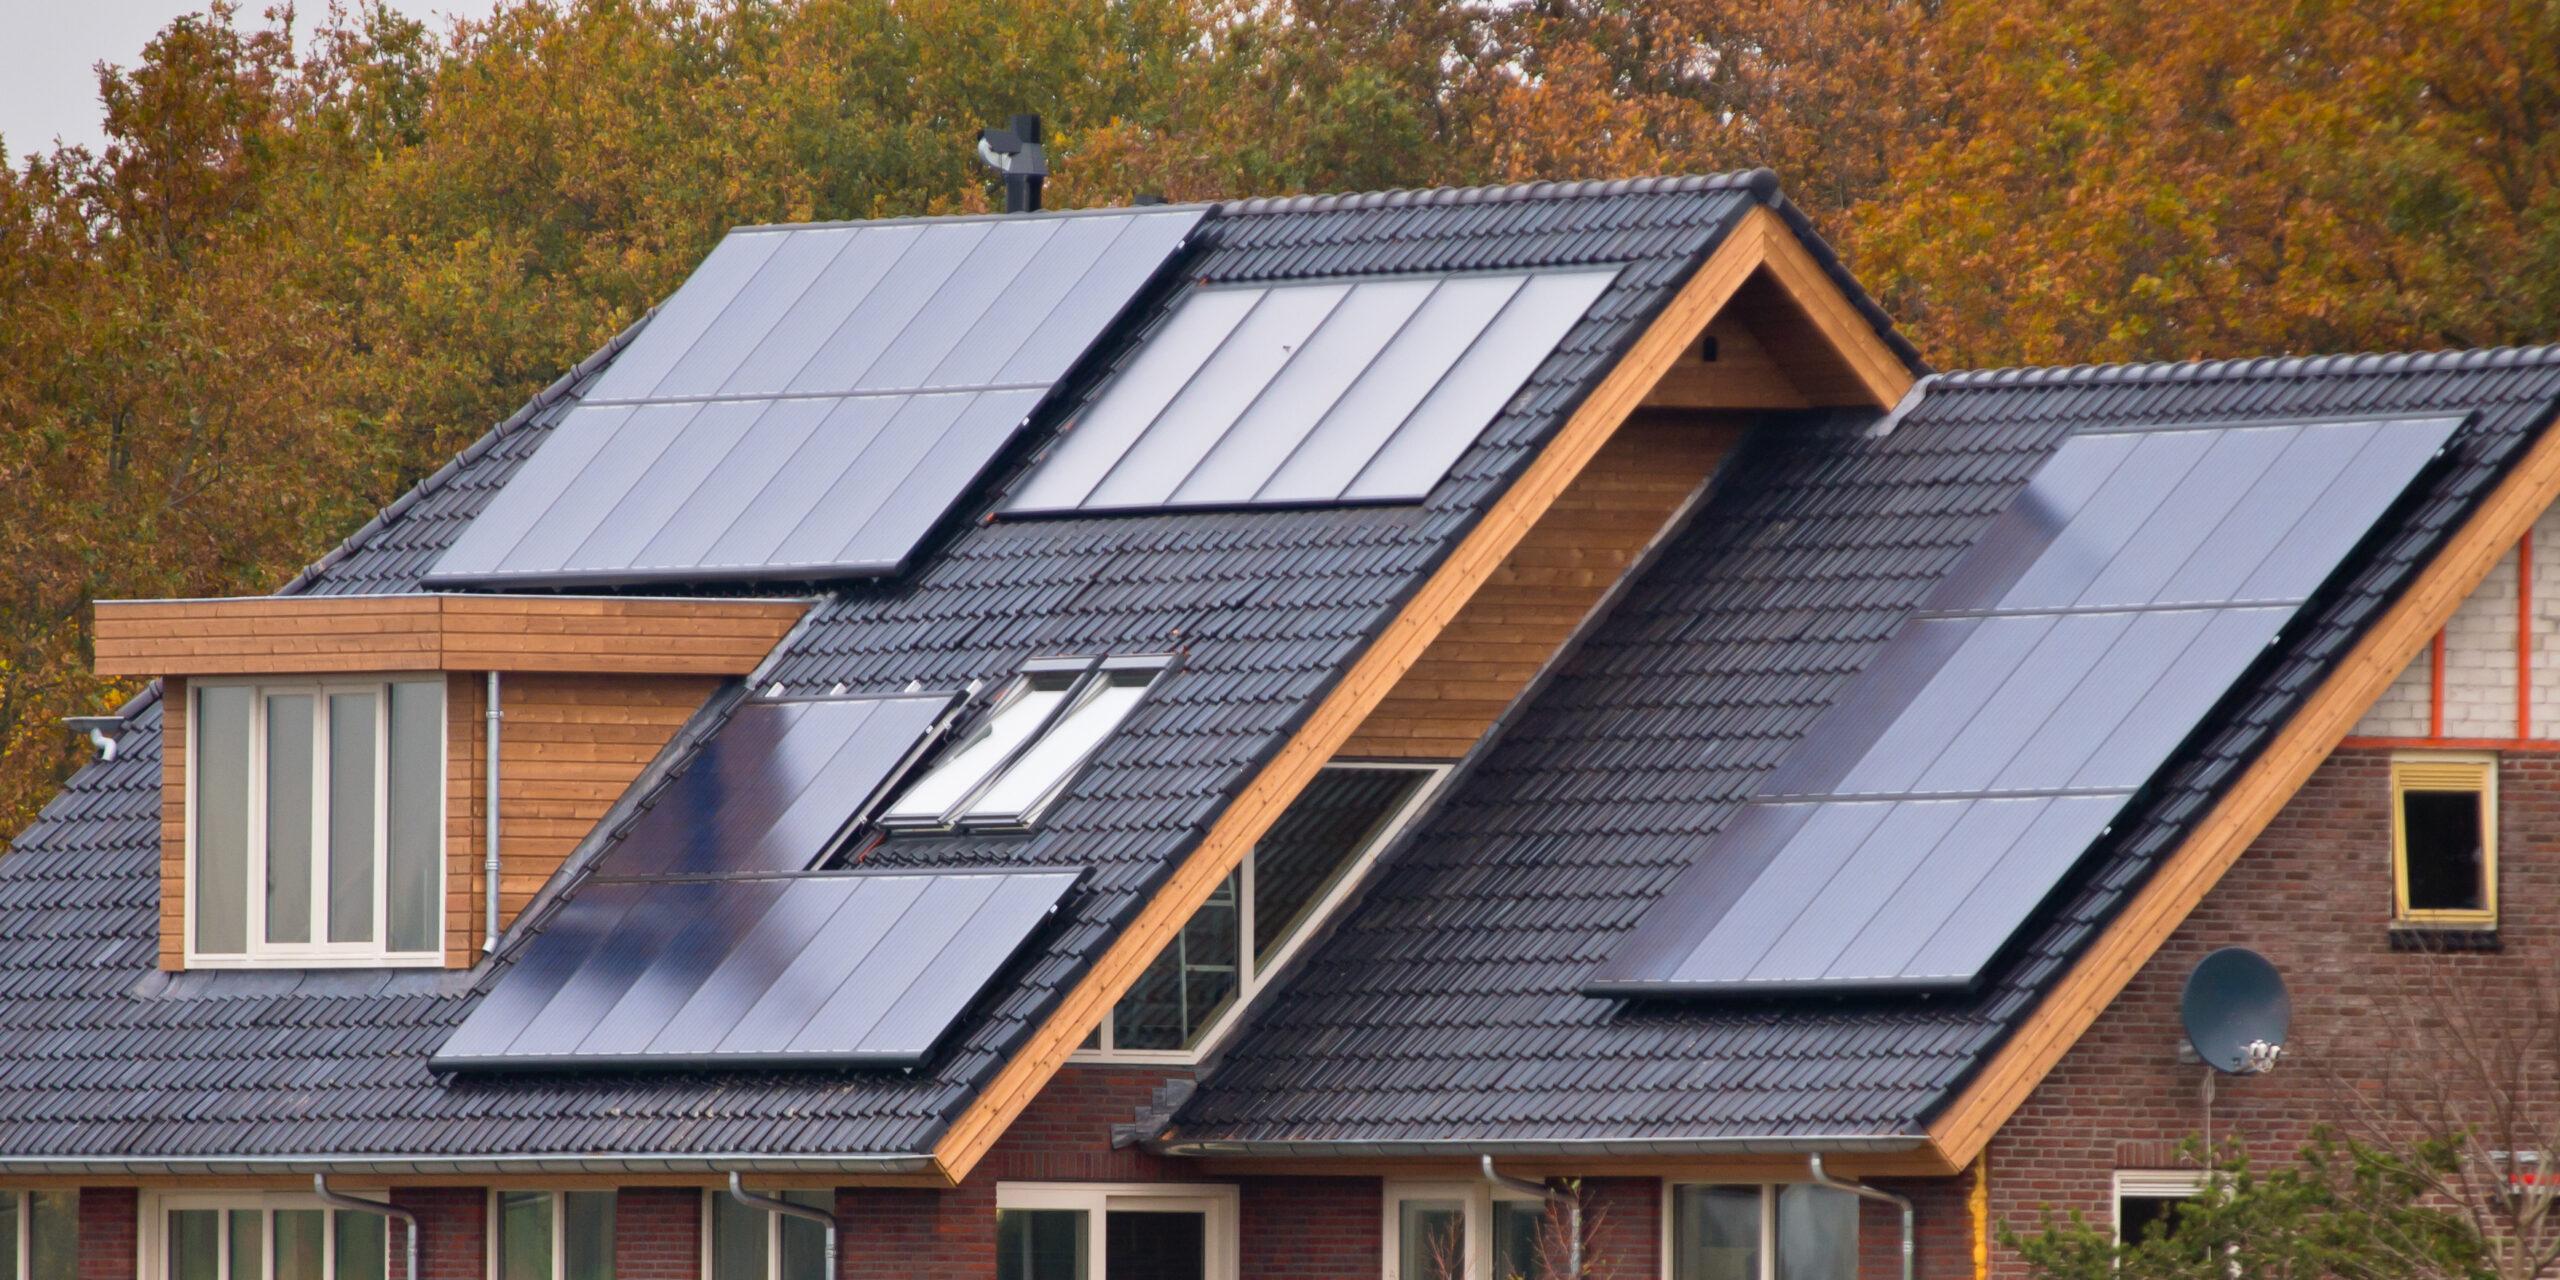 El Consejo de Ministros ha aprobado una línea de ayudas de 1.320 millones de euros que se destinarán a autoconsumo, almacenamiento y climatización renovable en todos los sectores económicos.